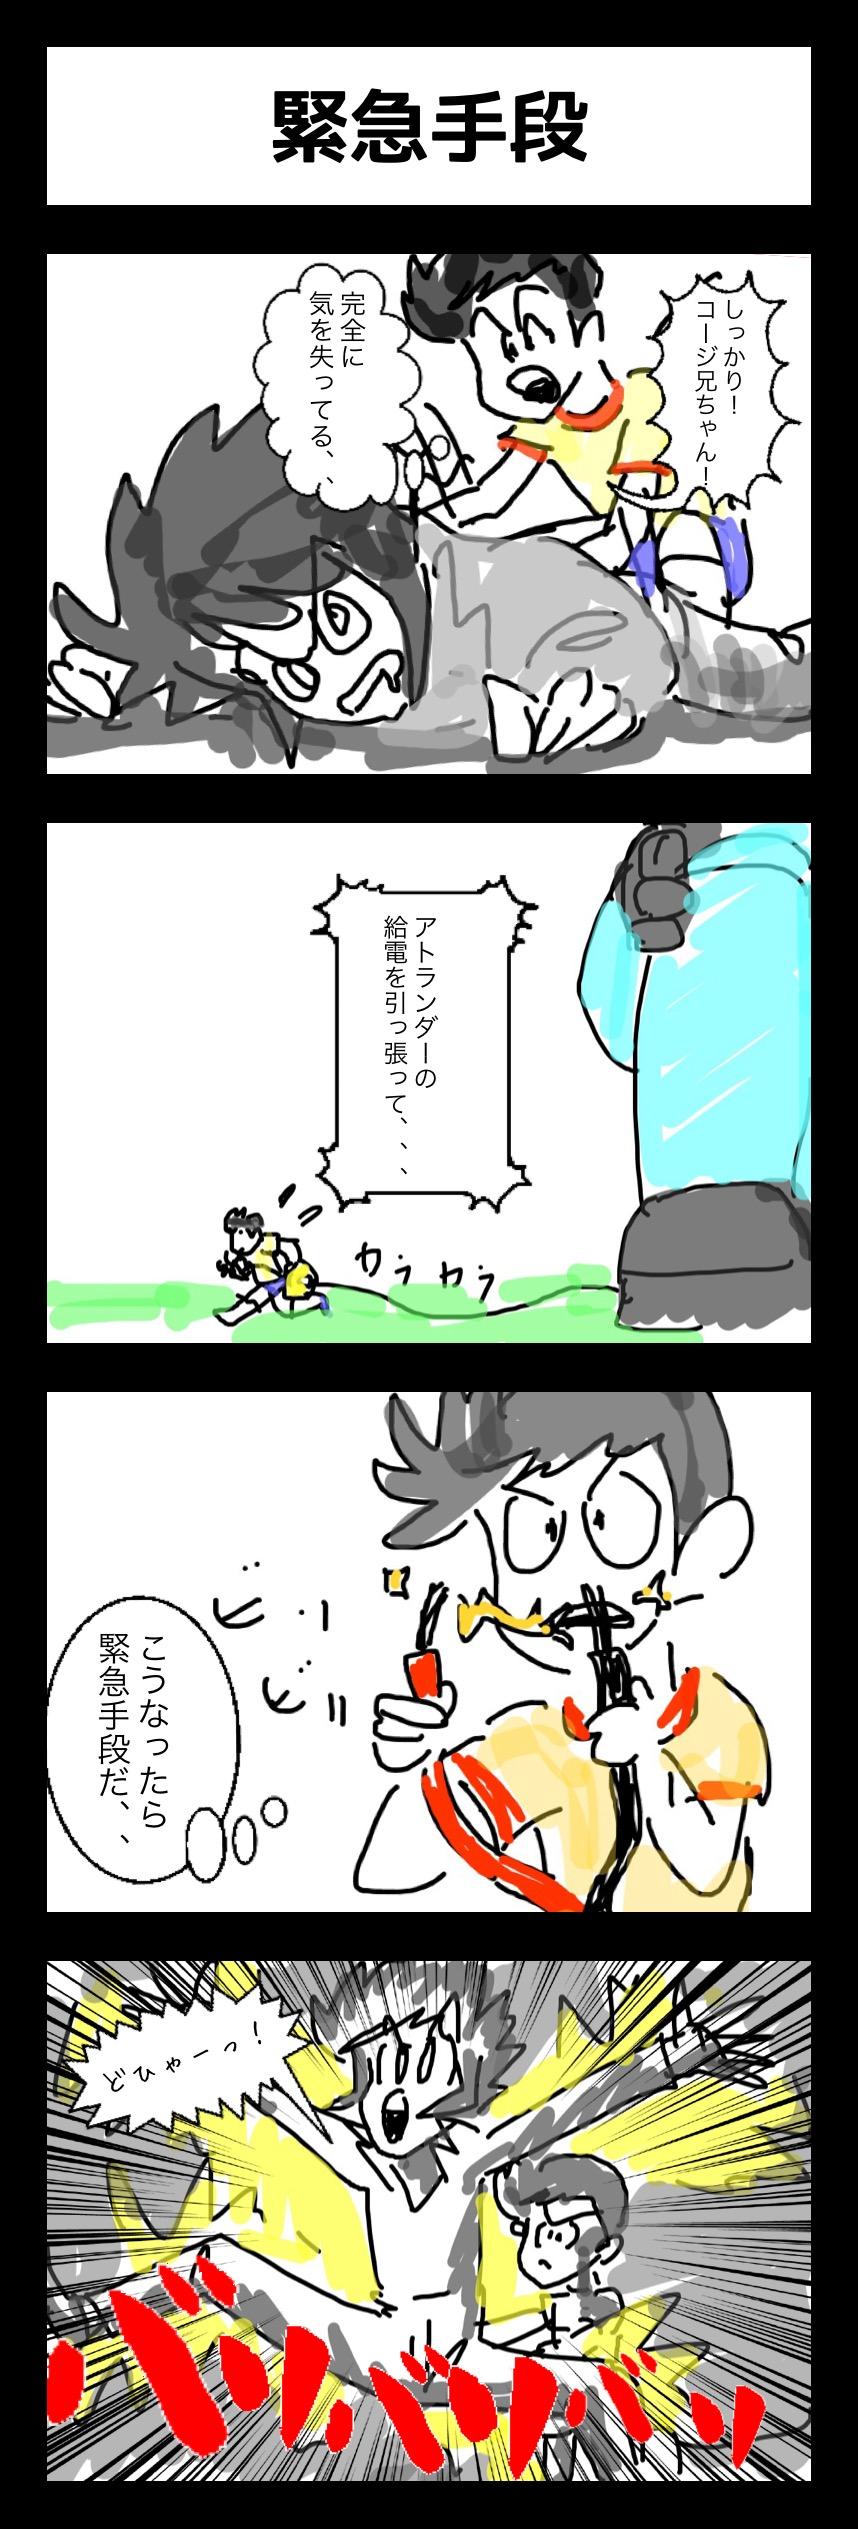 連載4コマ漫画「アトランダーV」 第34話